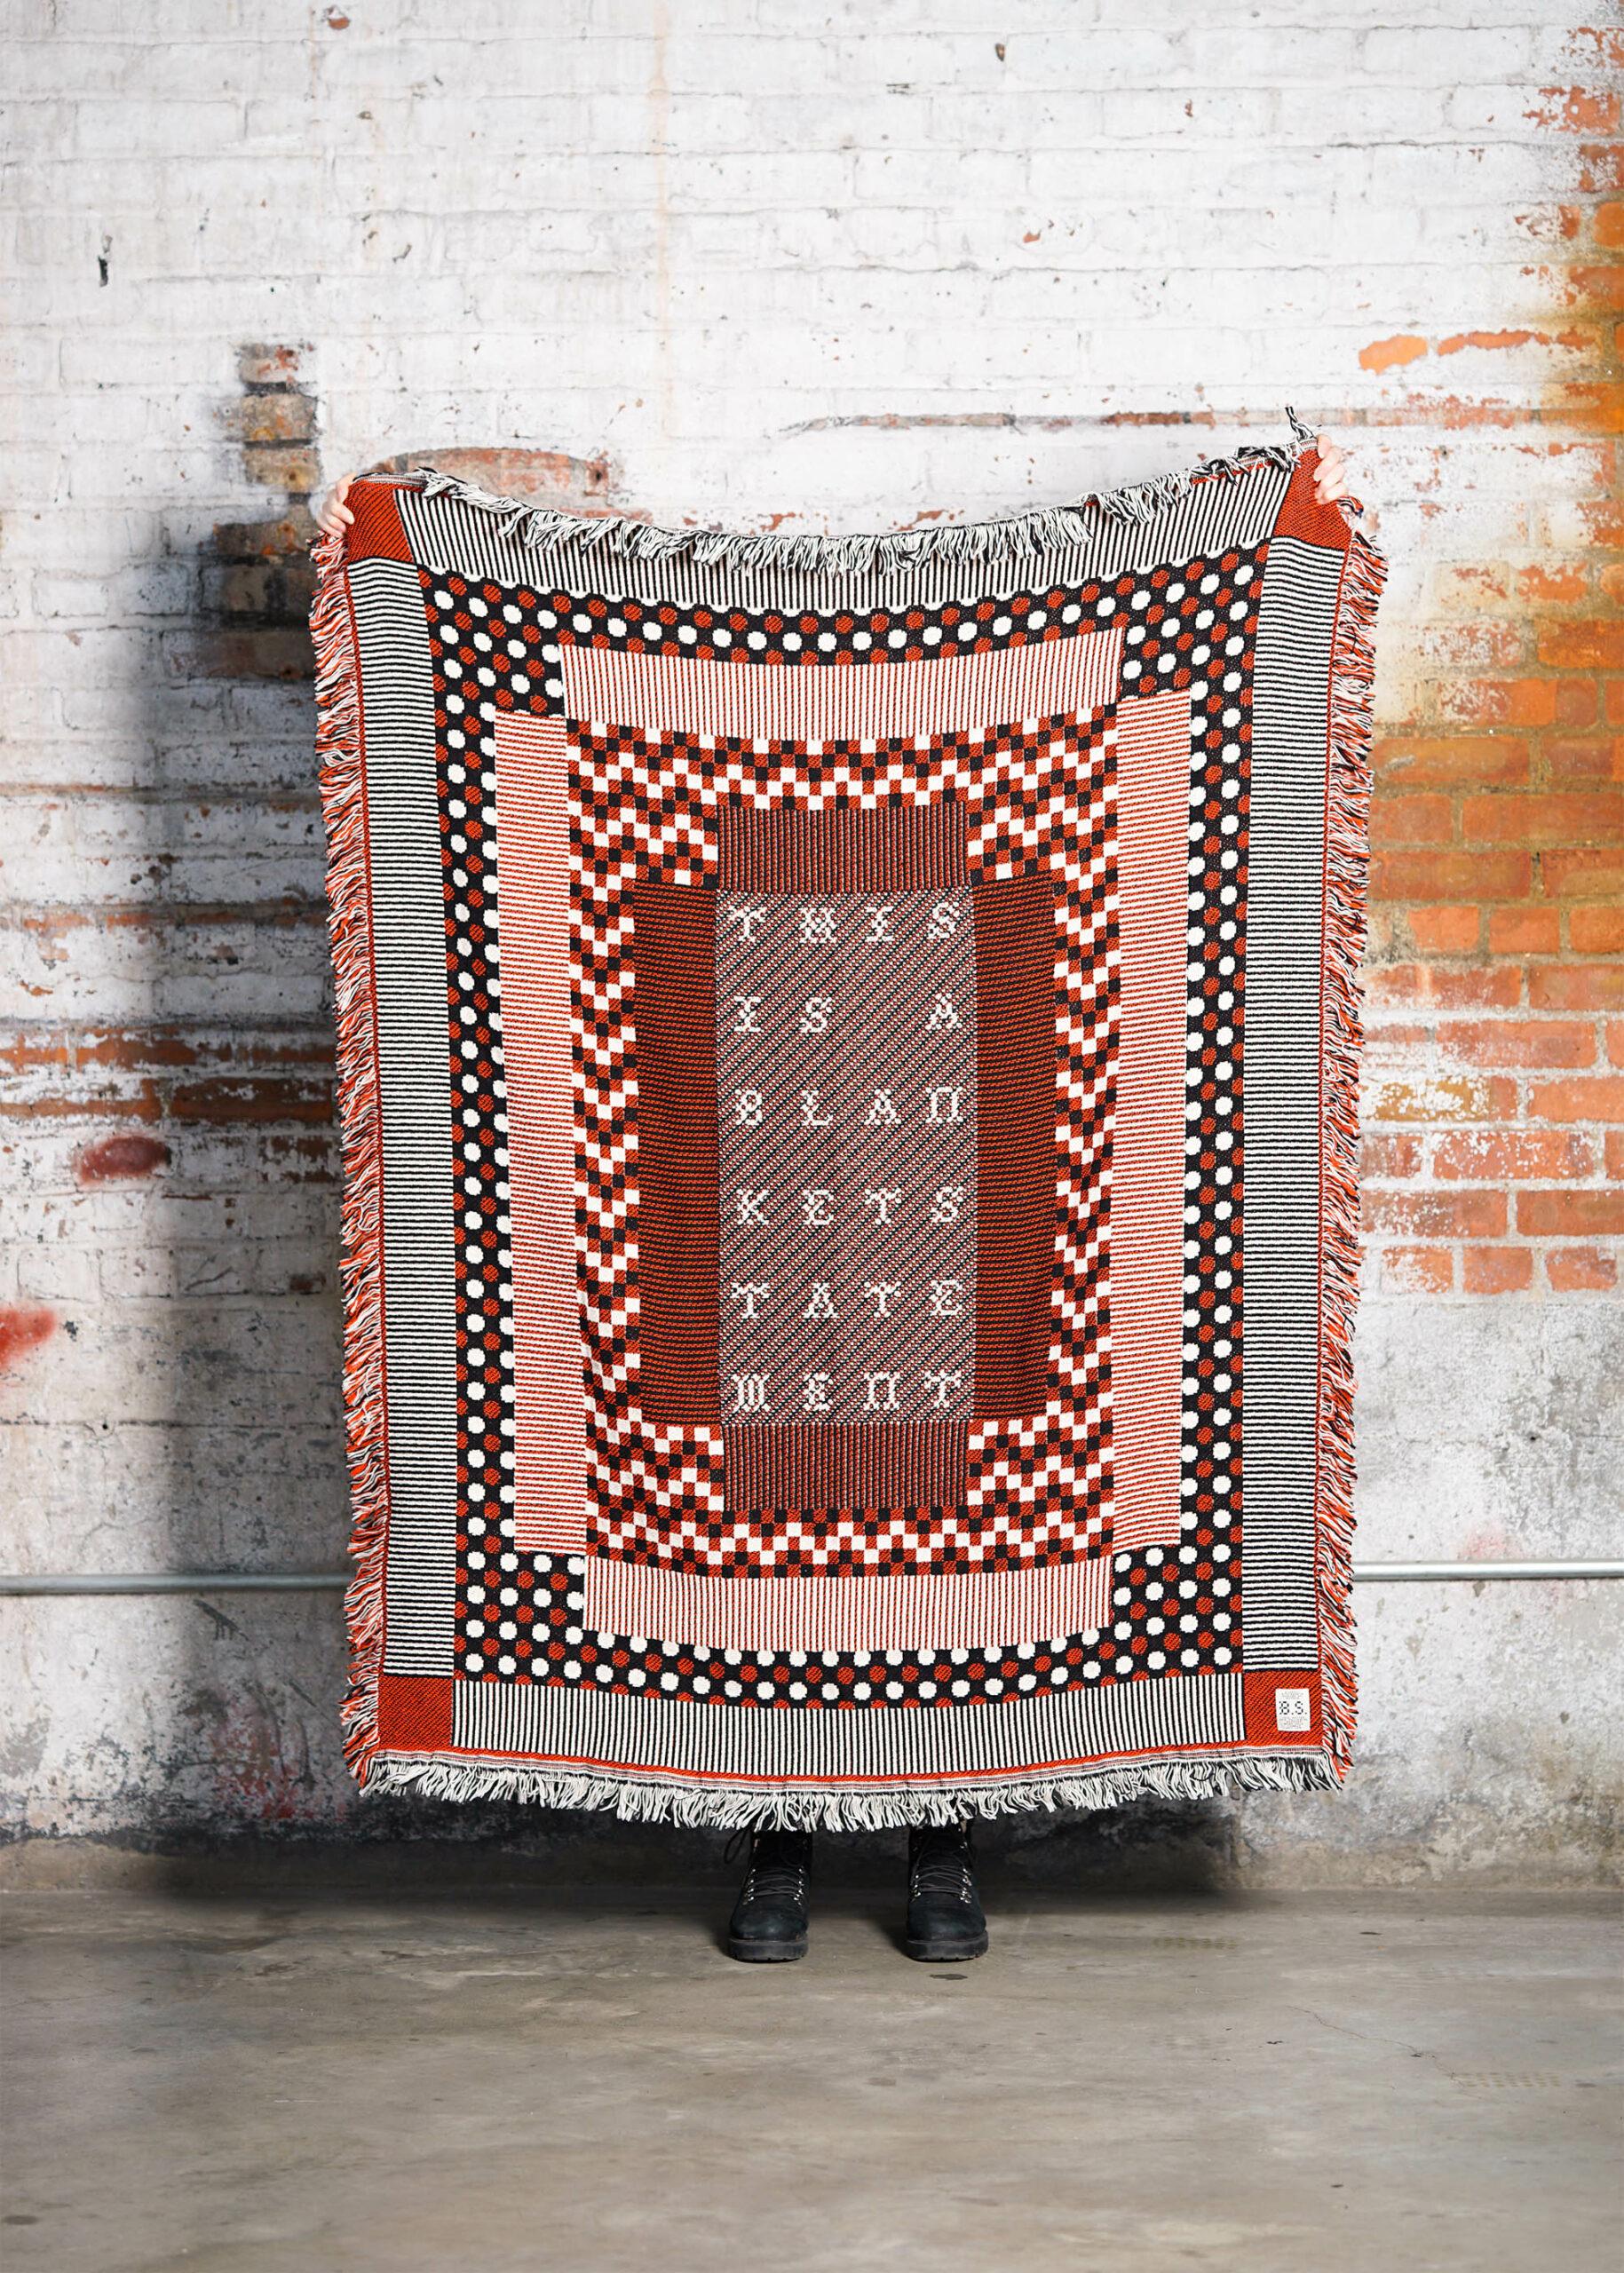 Matthijs van Leeuwen, Matt van Leeuwen, Blanket Statement, Mother Design, Samantha Kim, New York